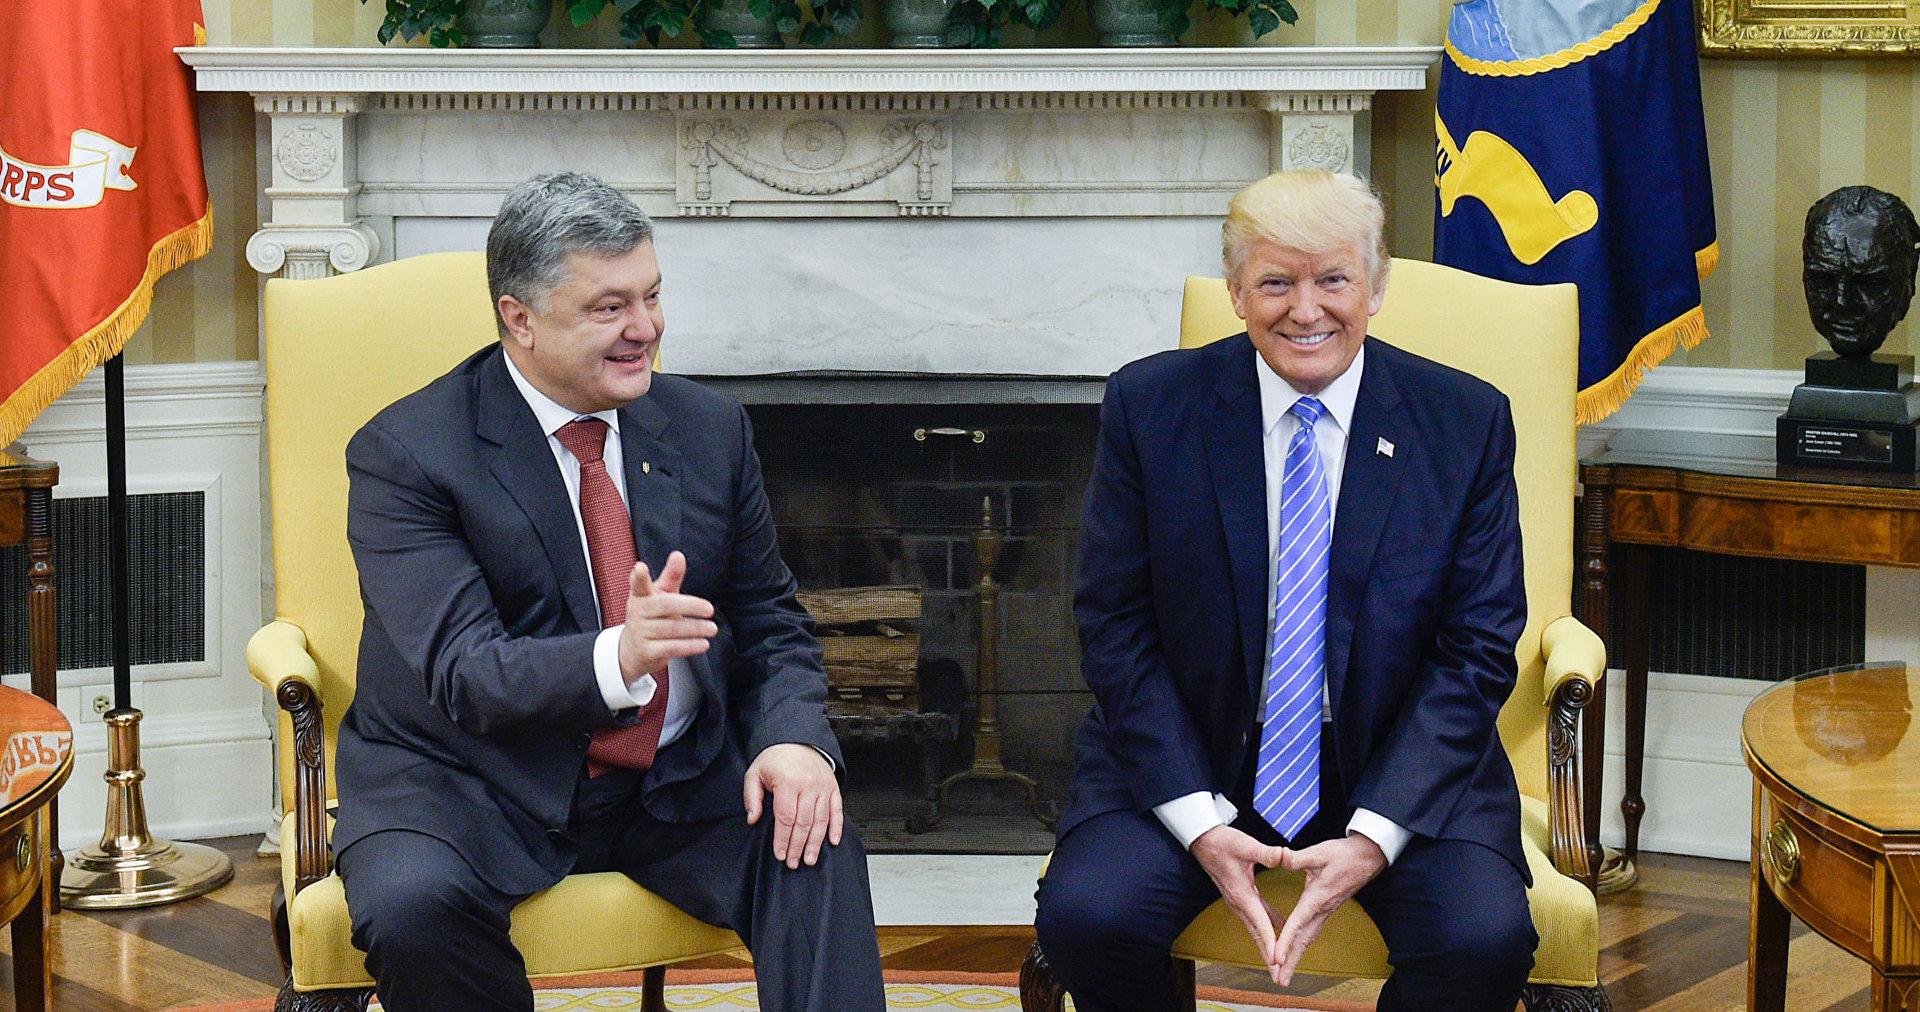 информация товаре когда состоится встреча трампа и порошенко